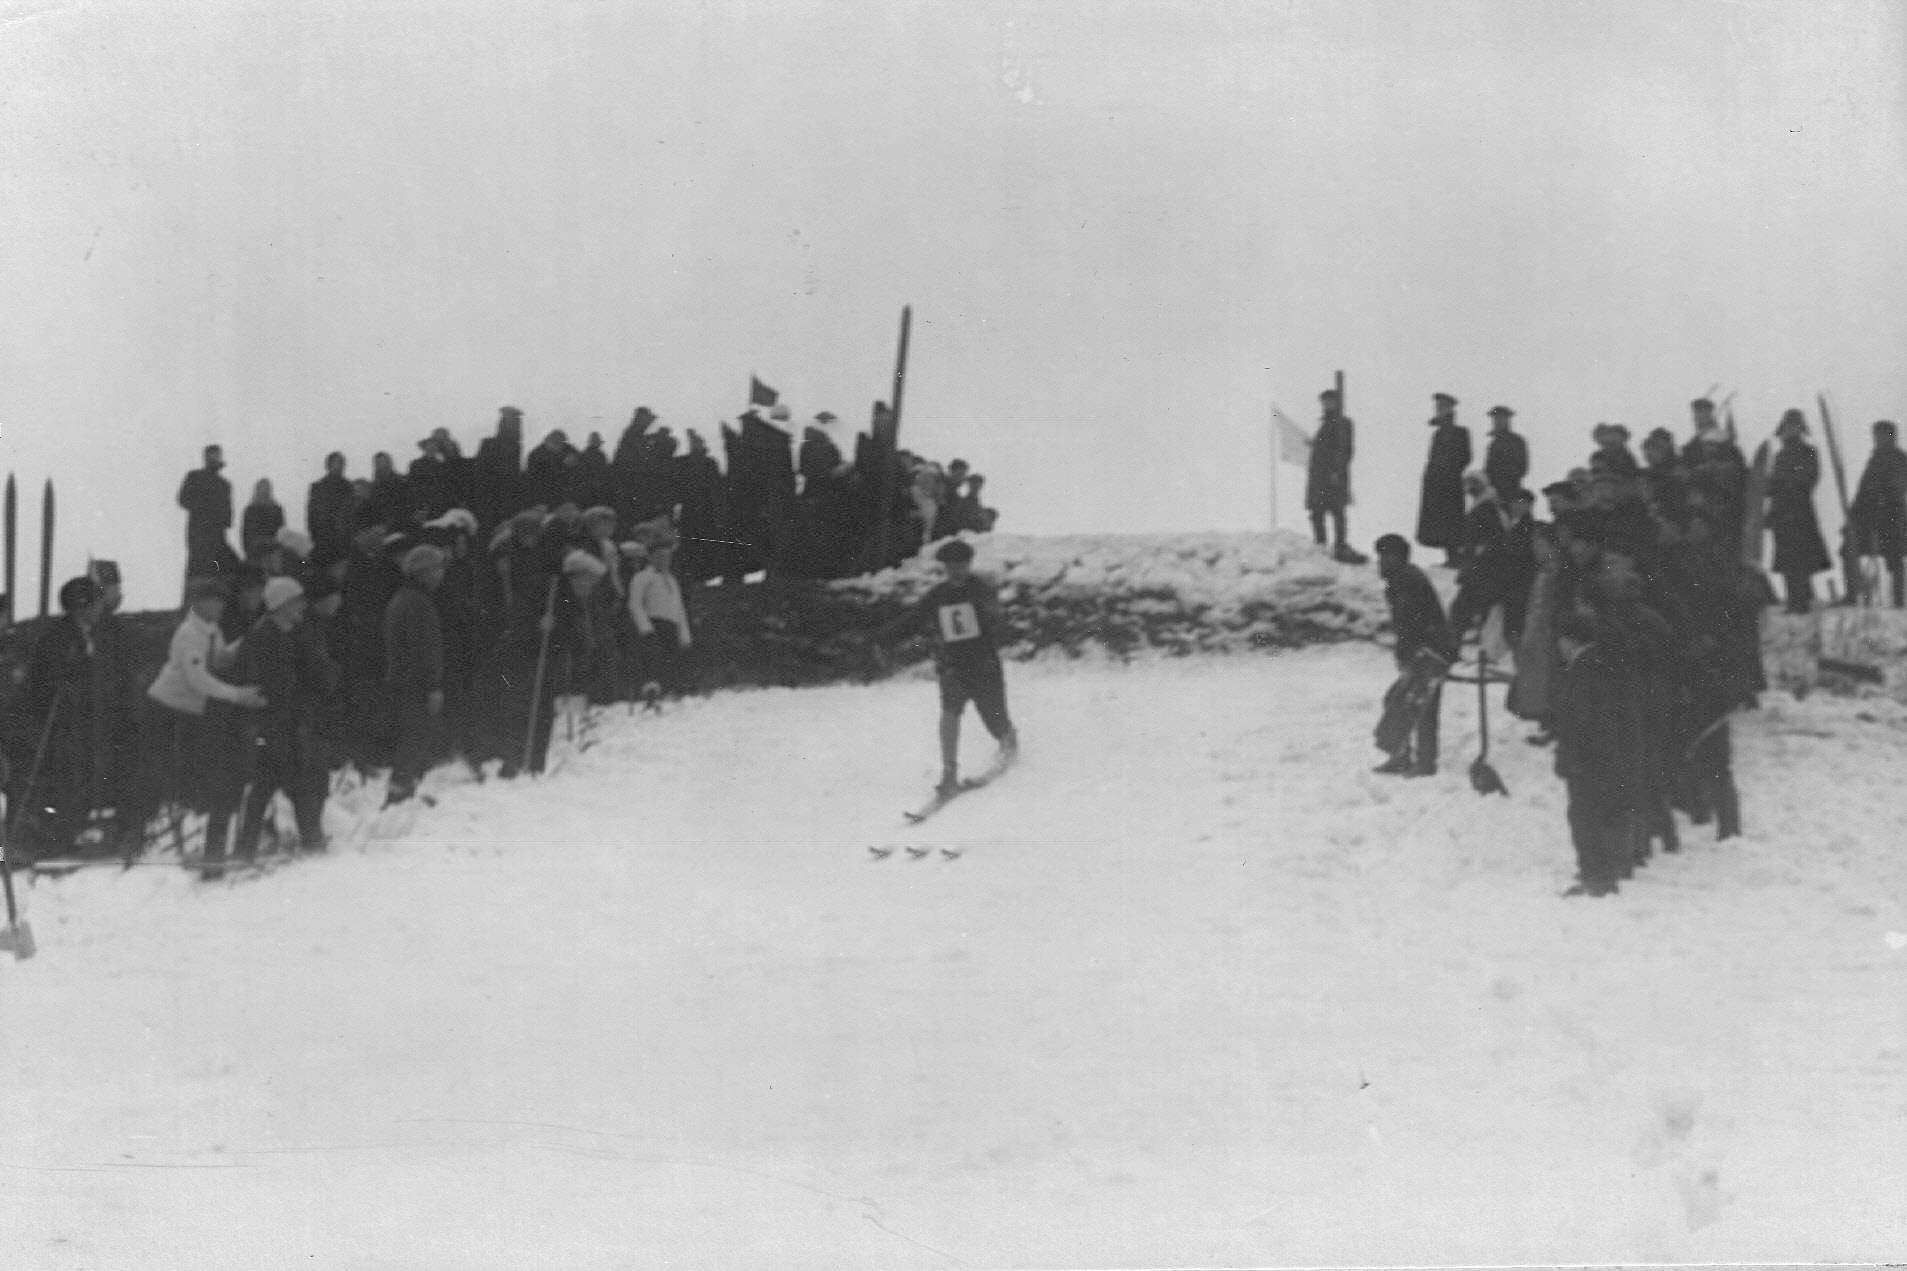 Участники состязаний подходят к финишу.